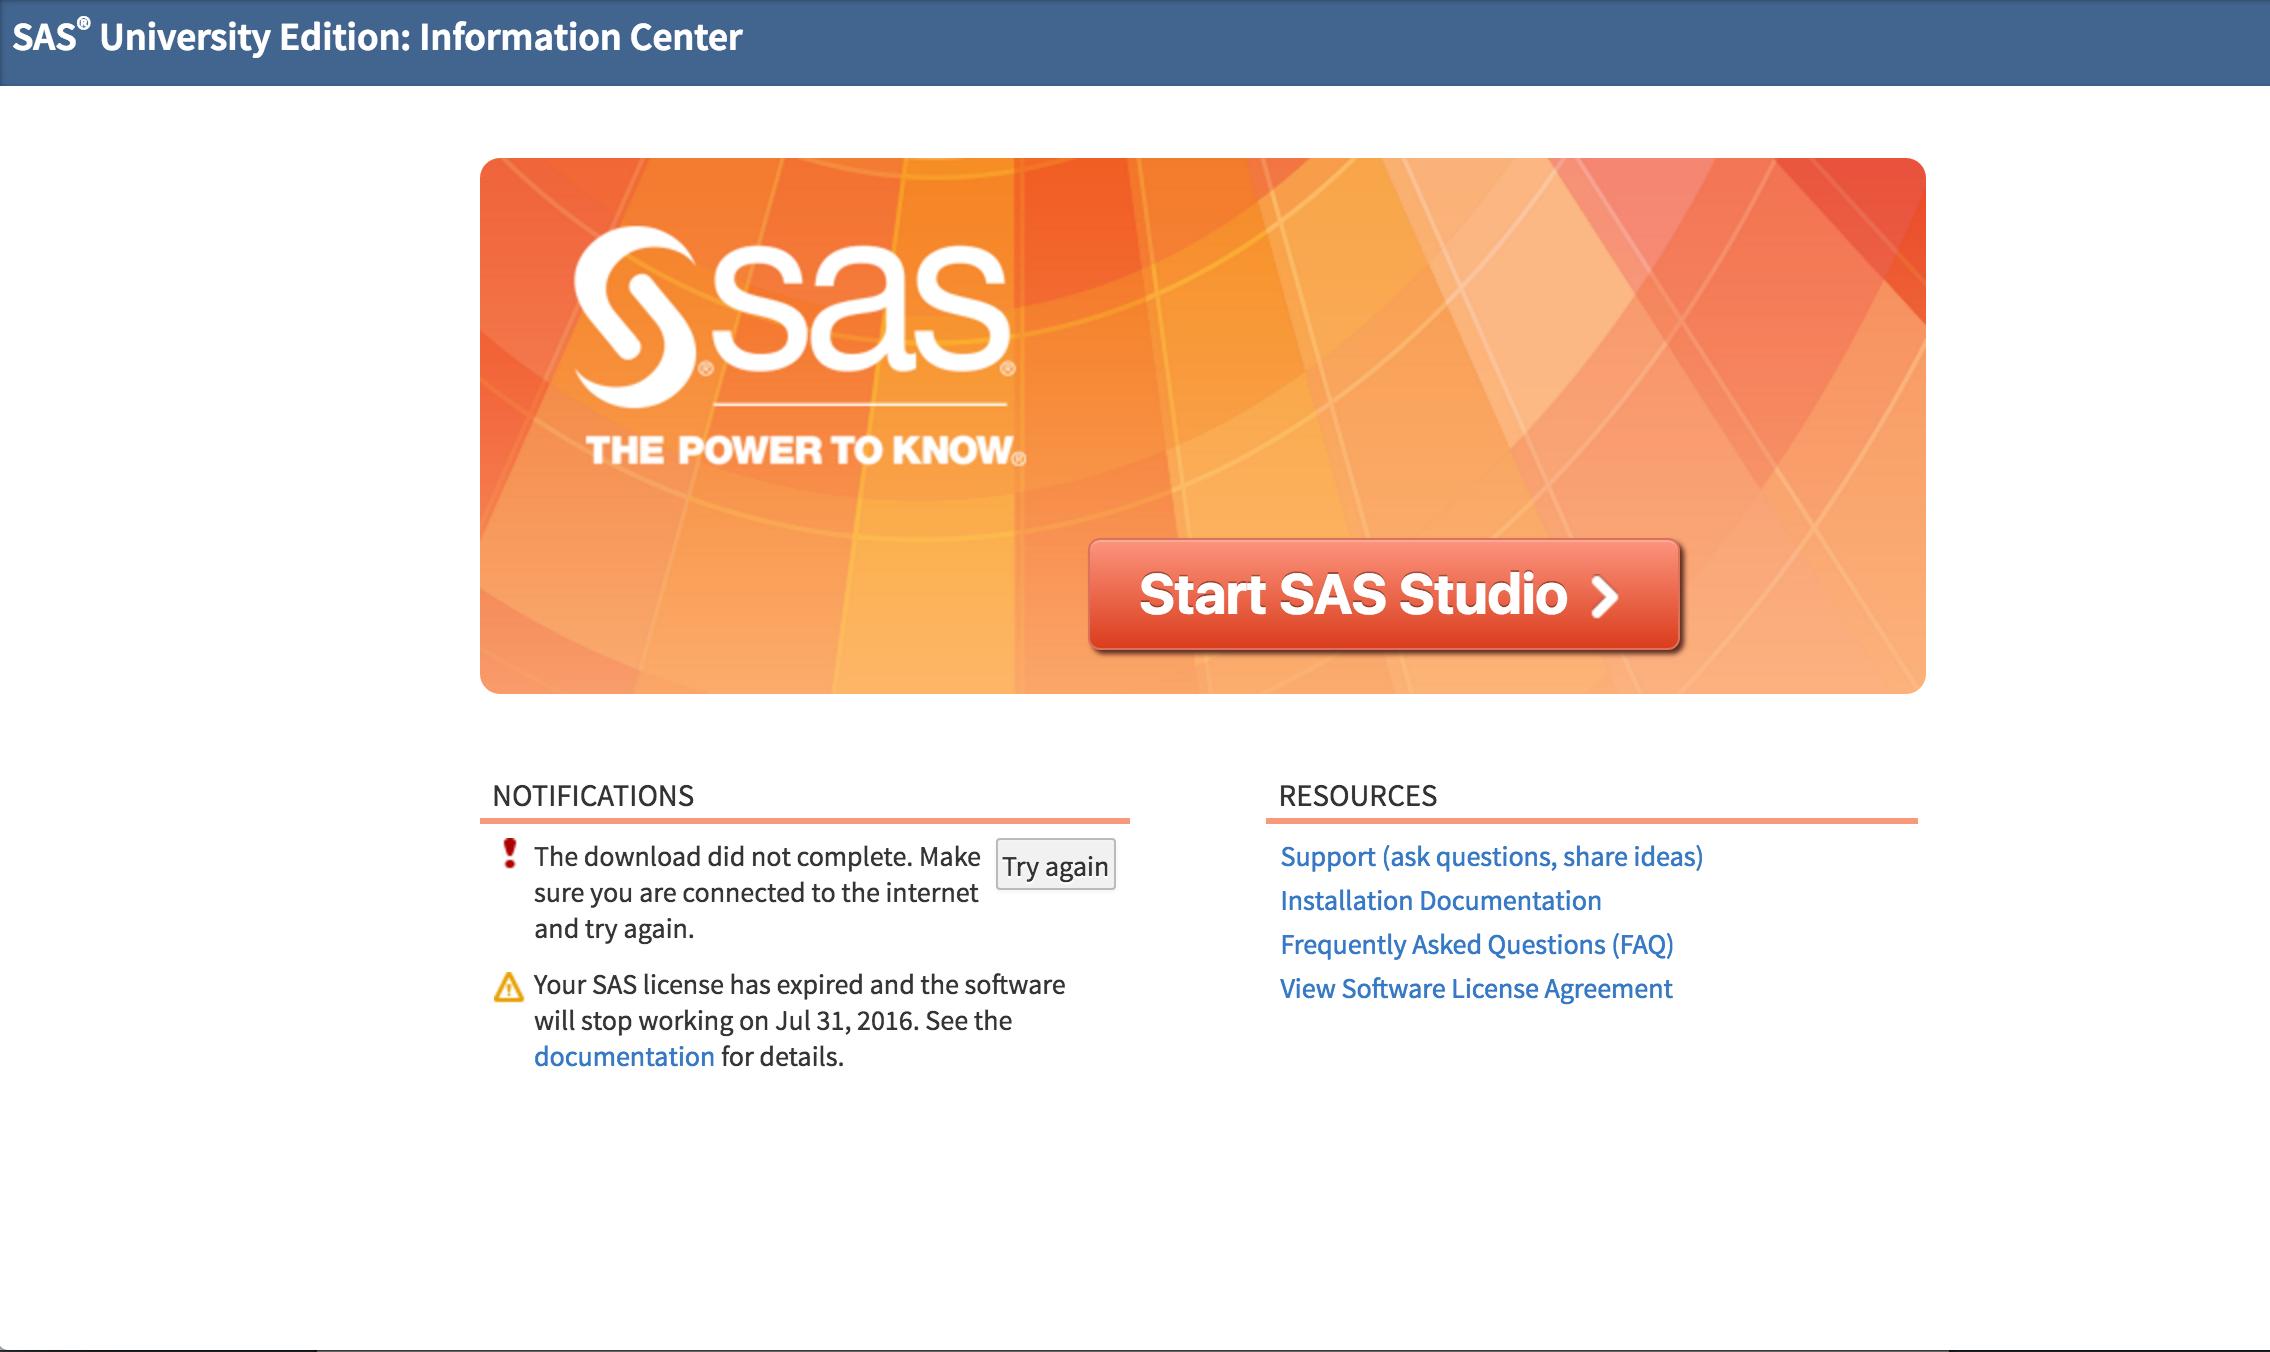 Time to renew your license for SAS University Edition - SAS